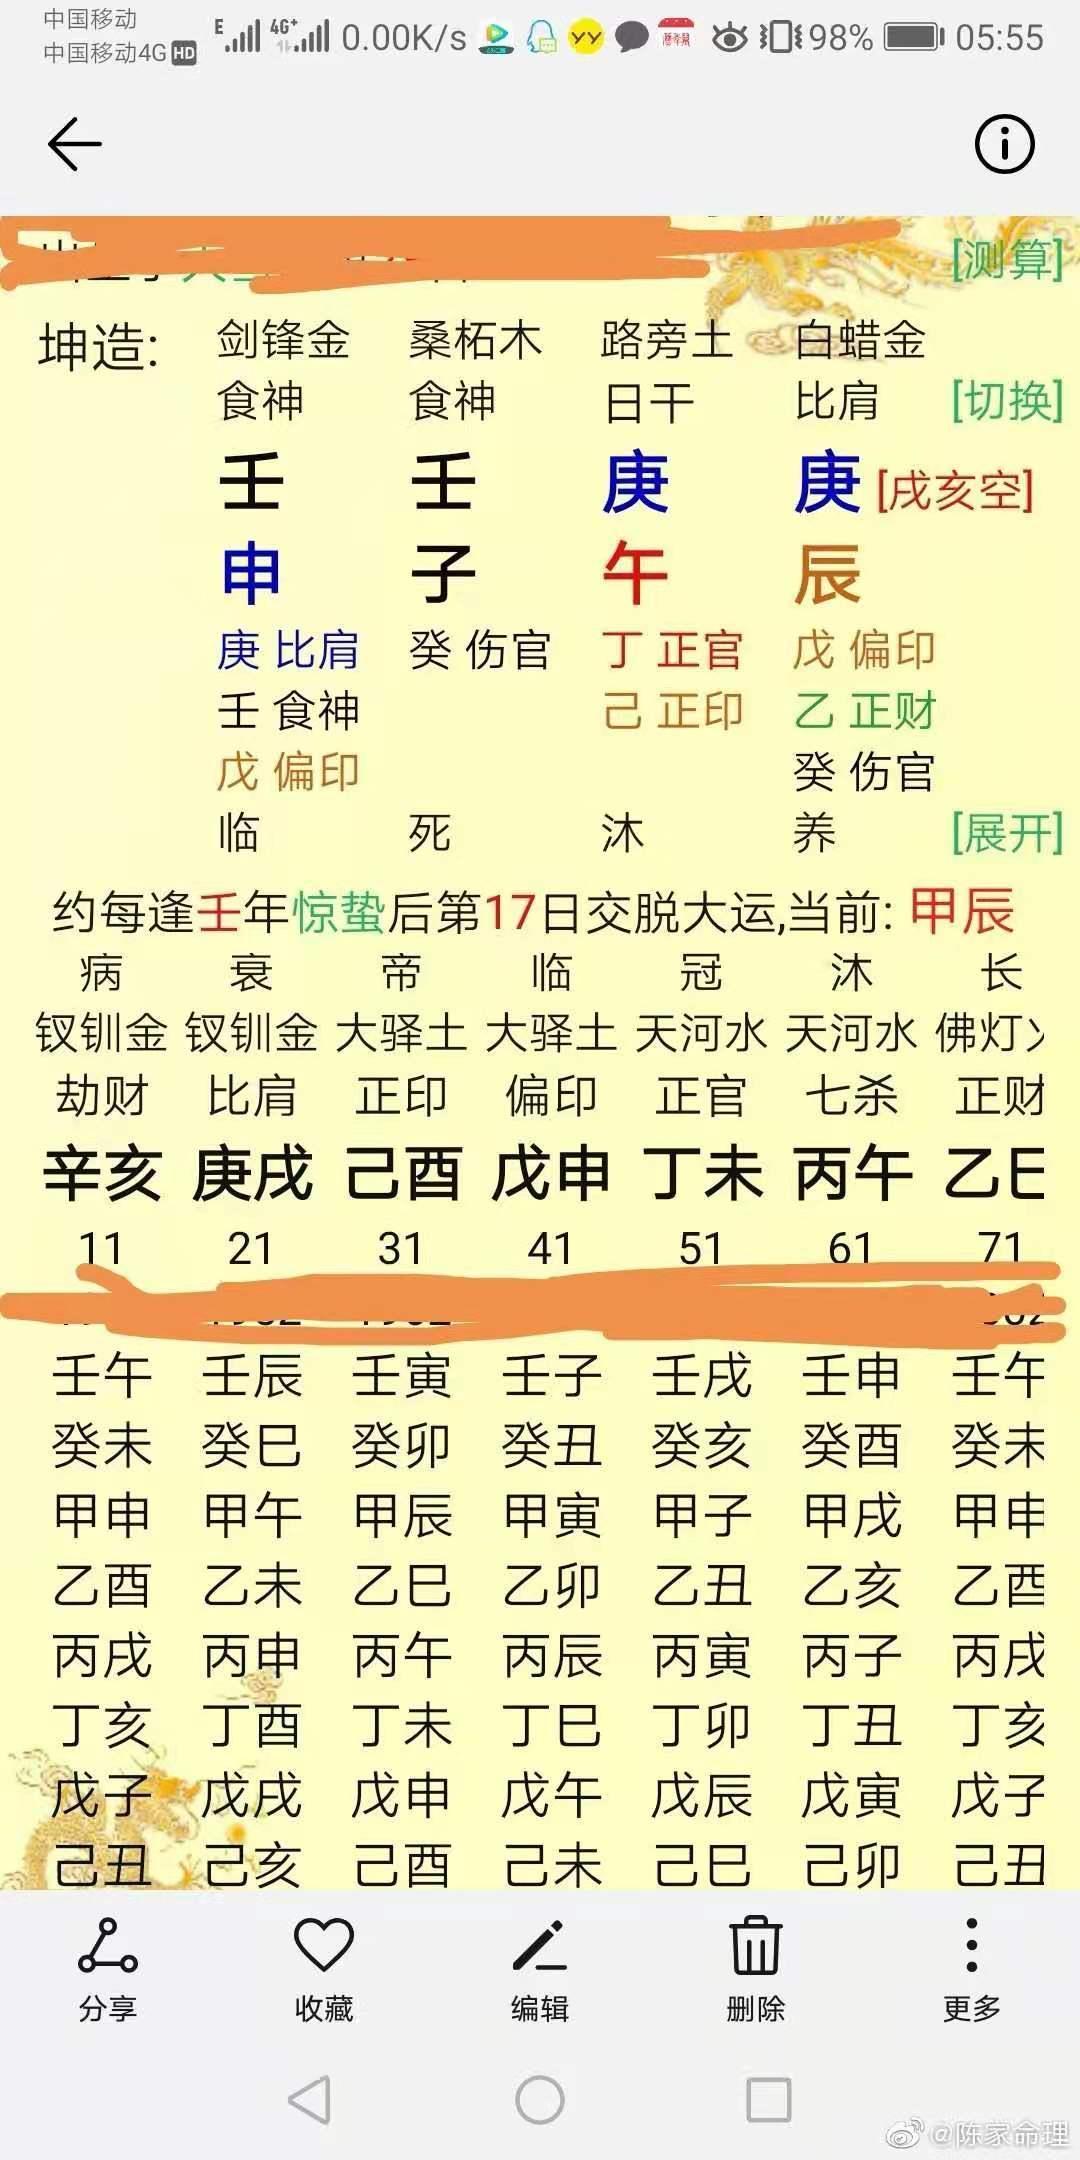 福禄寿齐全的八字:甄嬛真造,孝圣宪皇后八字命理,乾隆母亲,除了克雍正,86岁享福一生。